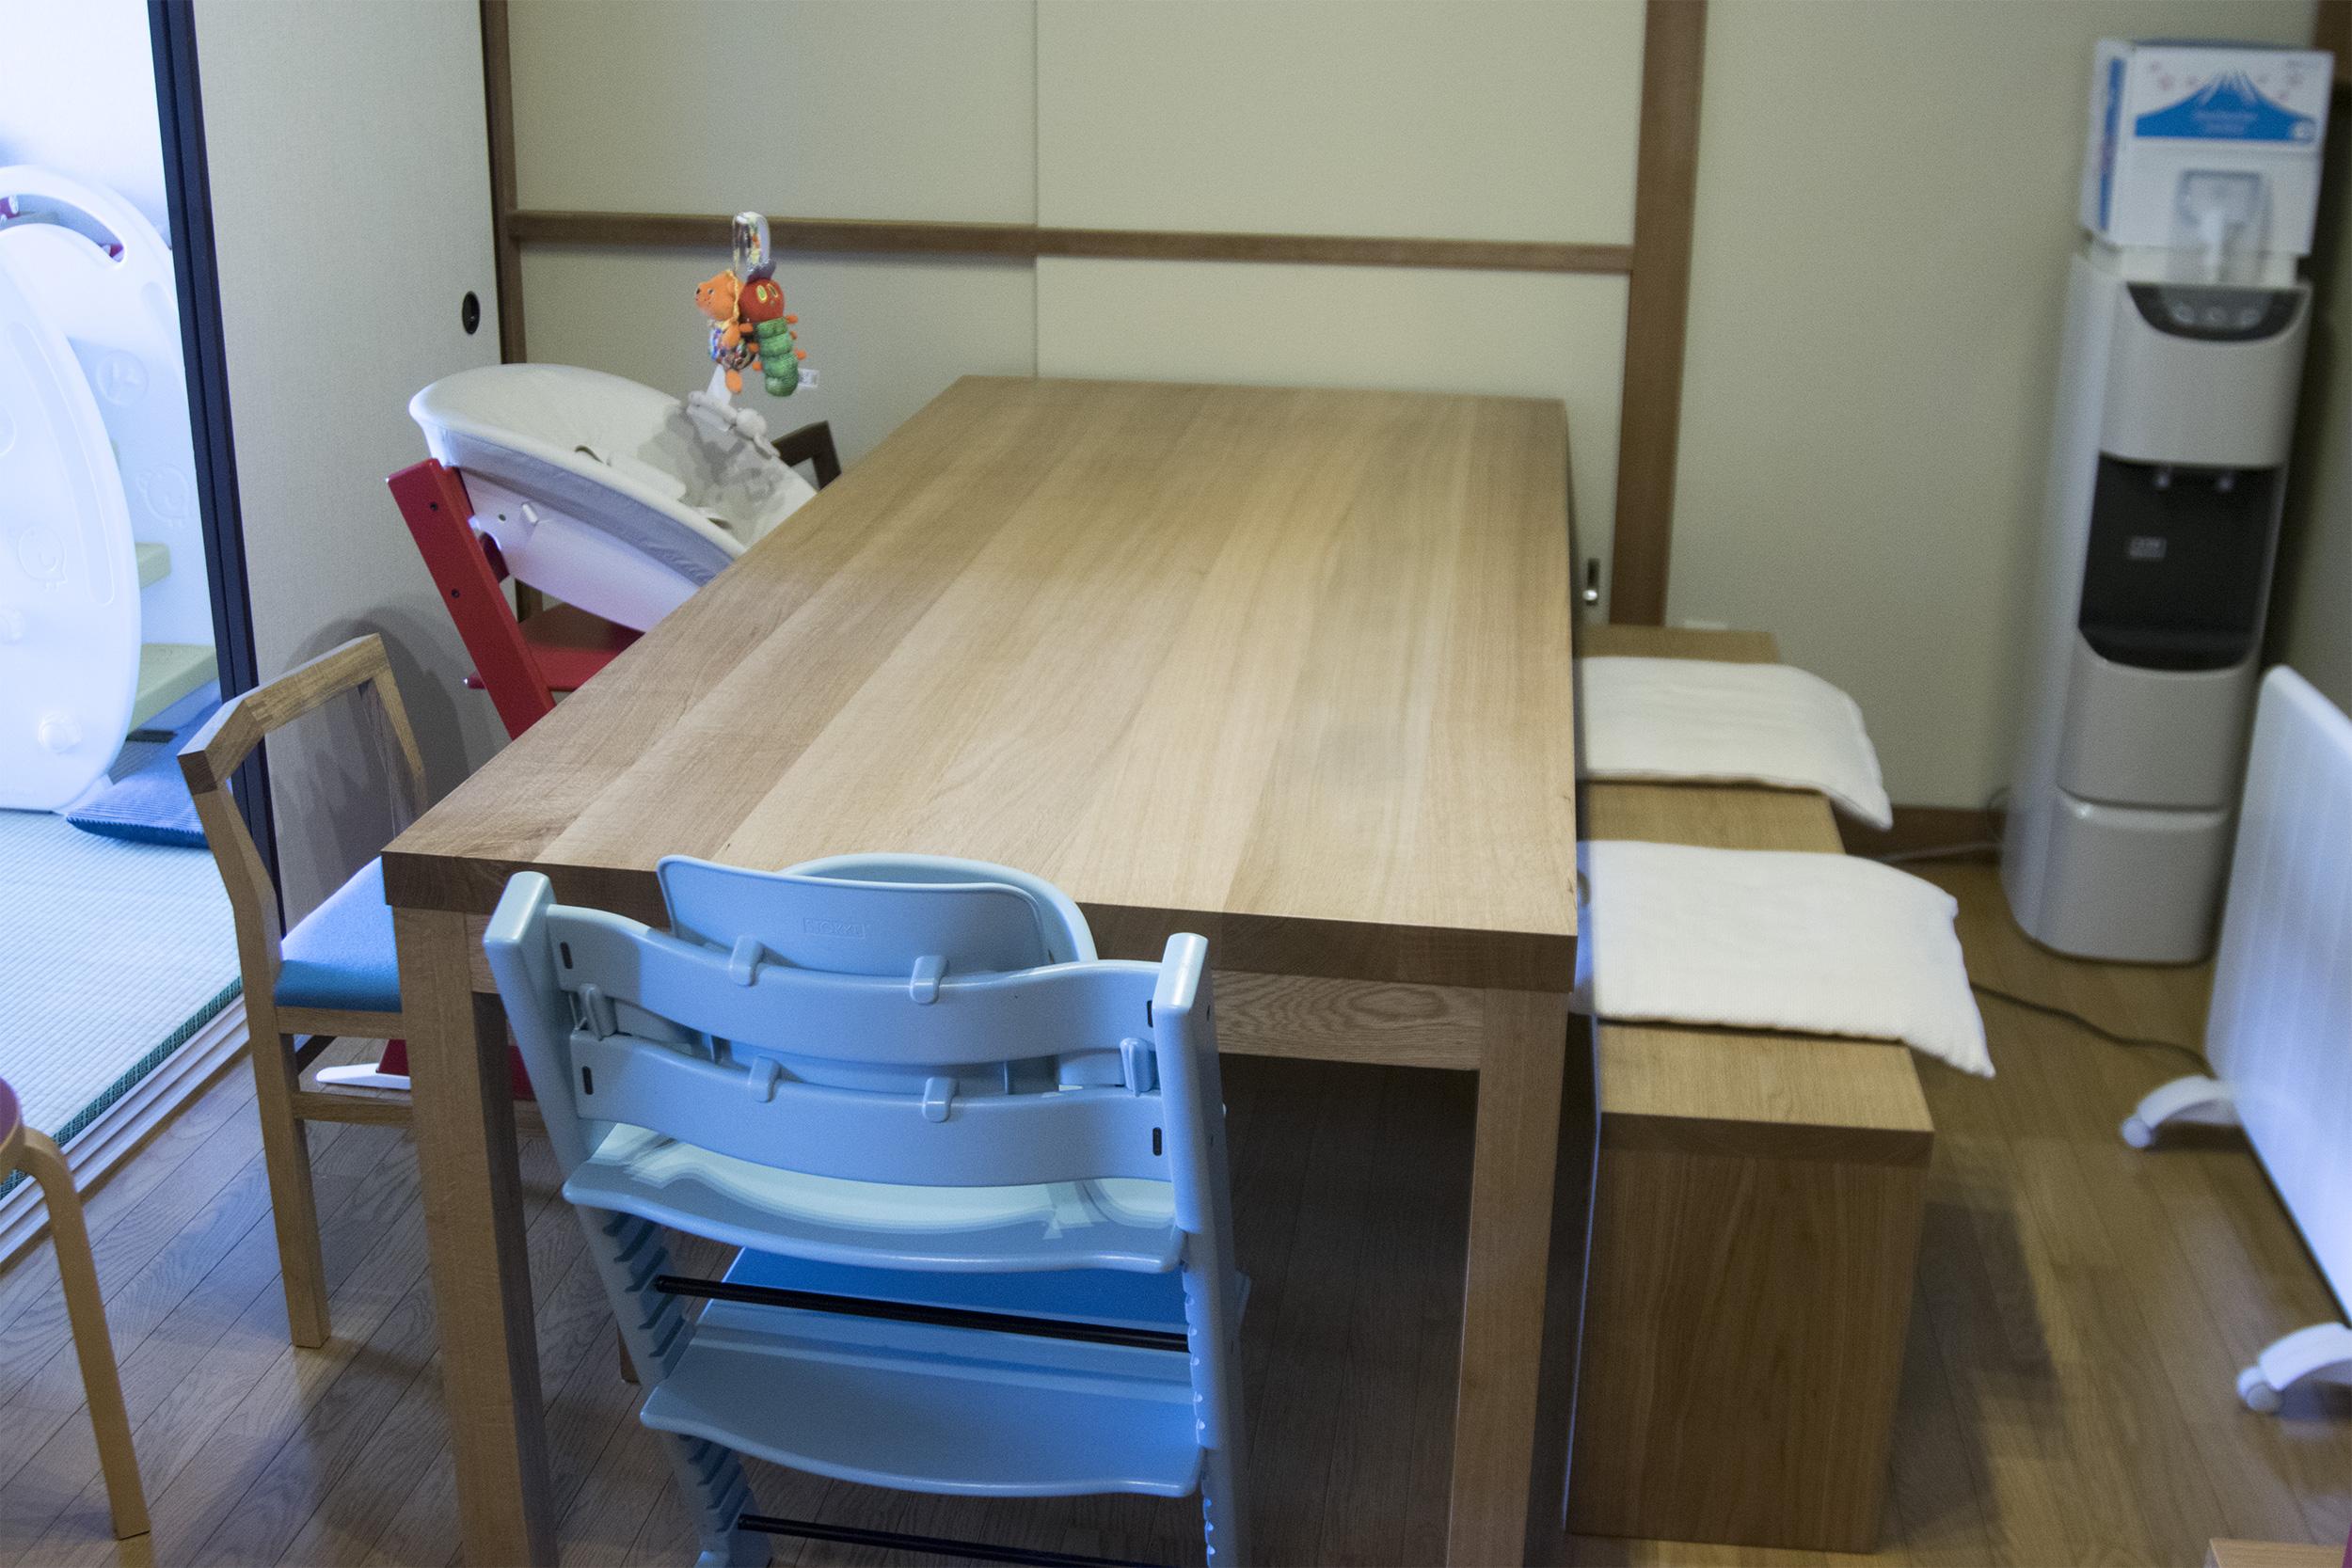 天板の厚みを特注していただいたスタンダードテーブル